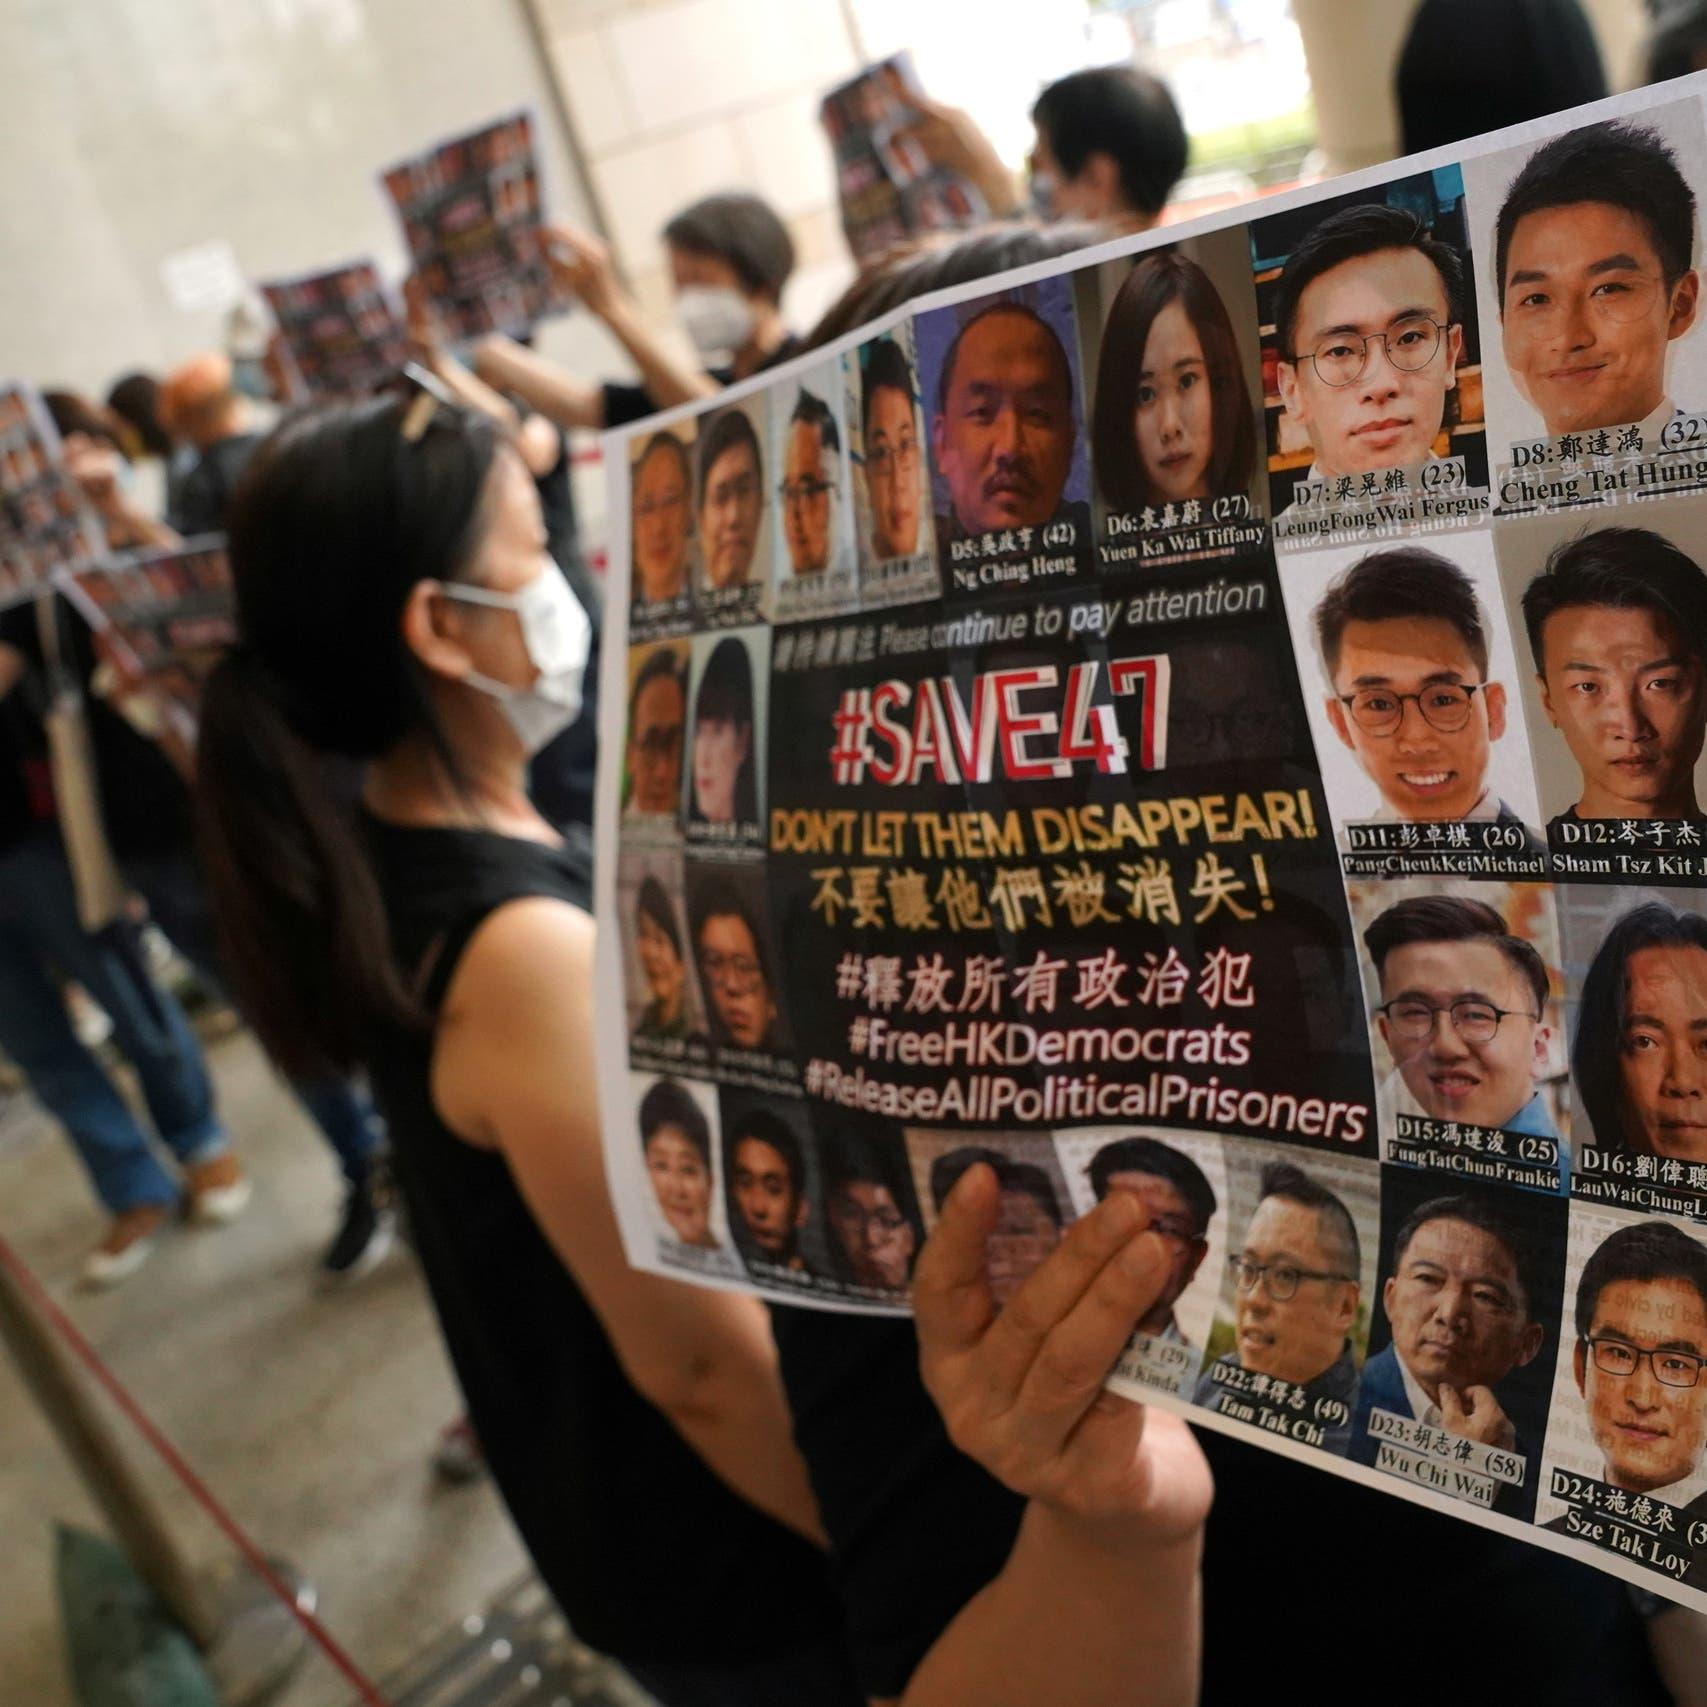 """الصين تتهم مجموعة السبع """"بالتلاعب السياسي"""" بعد انتقادها حول شينجيانغ وهونغ كونغ"""